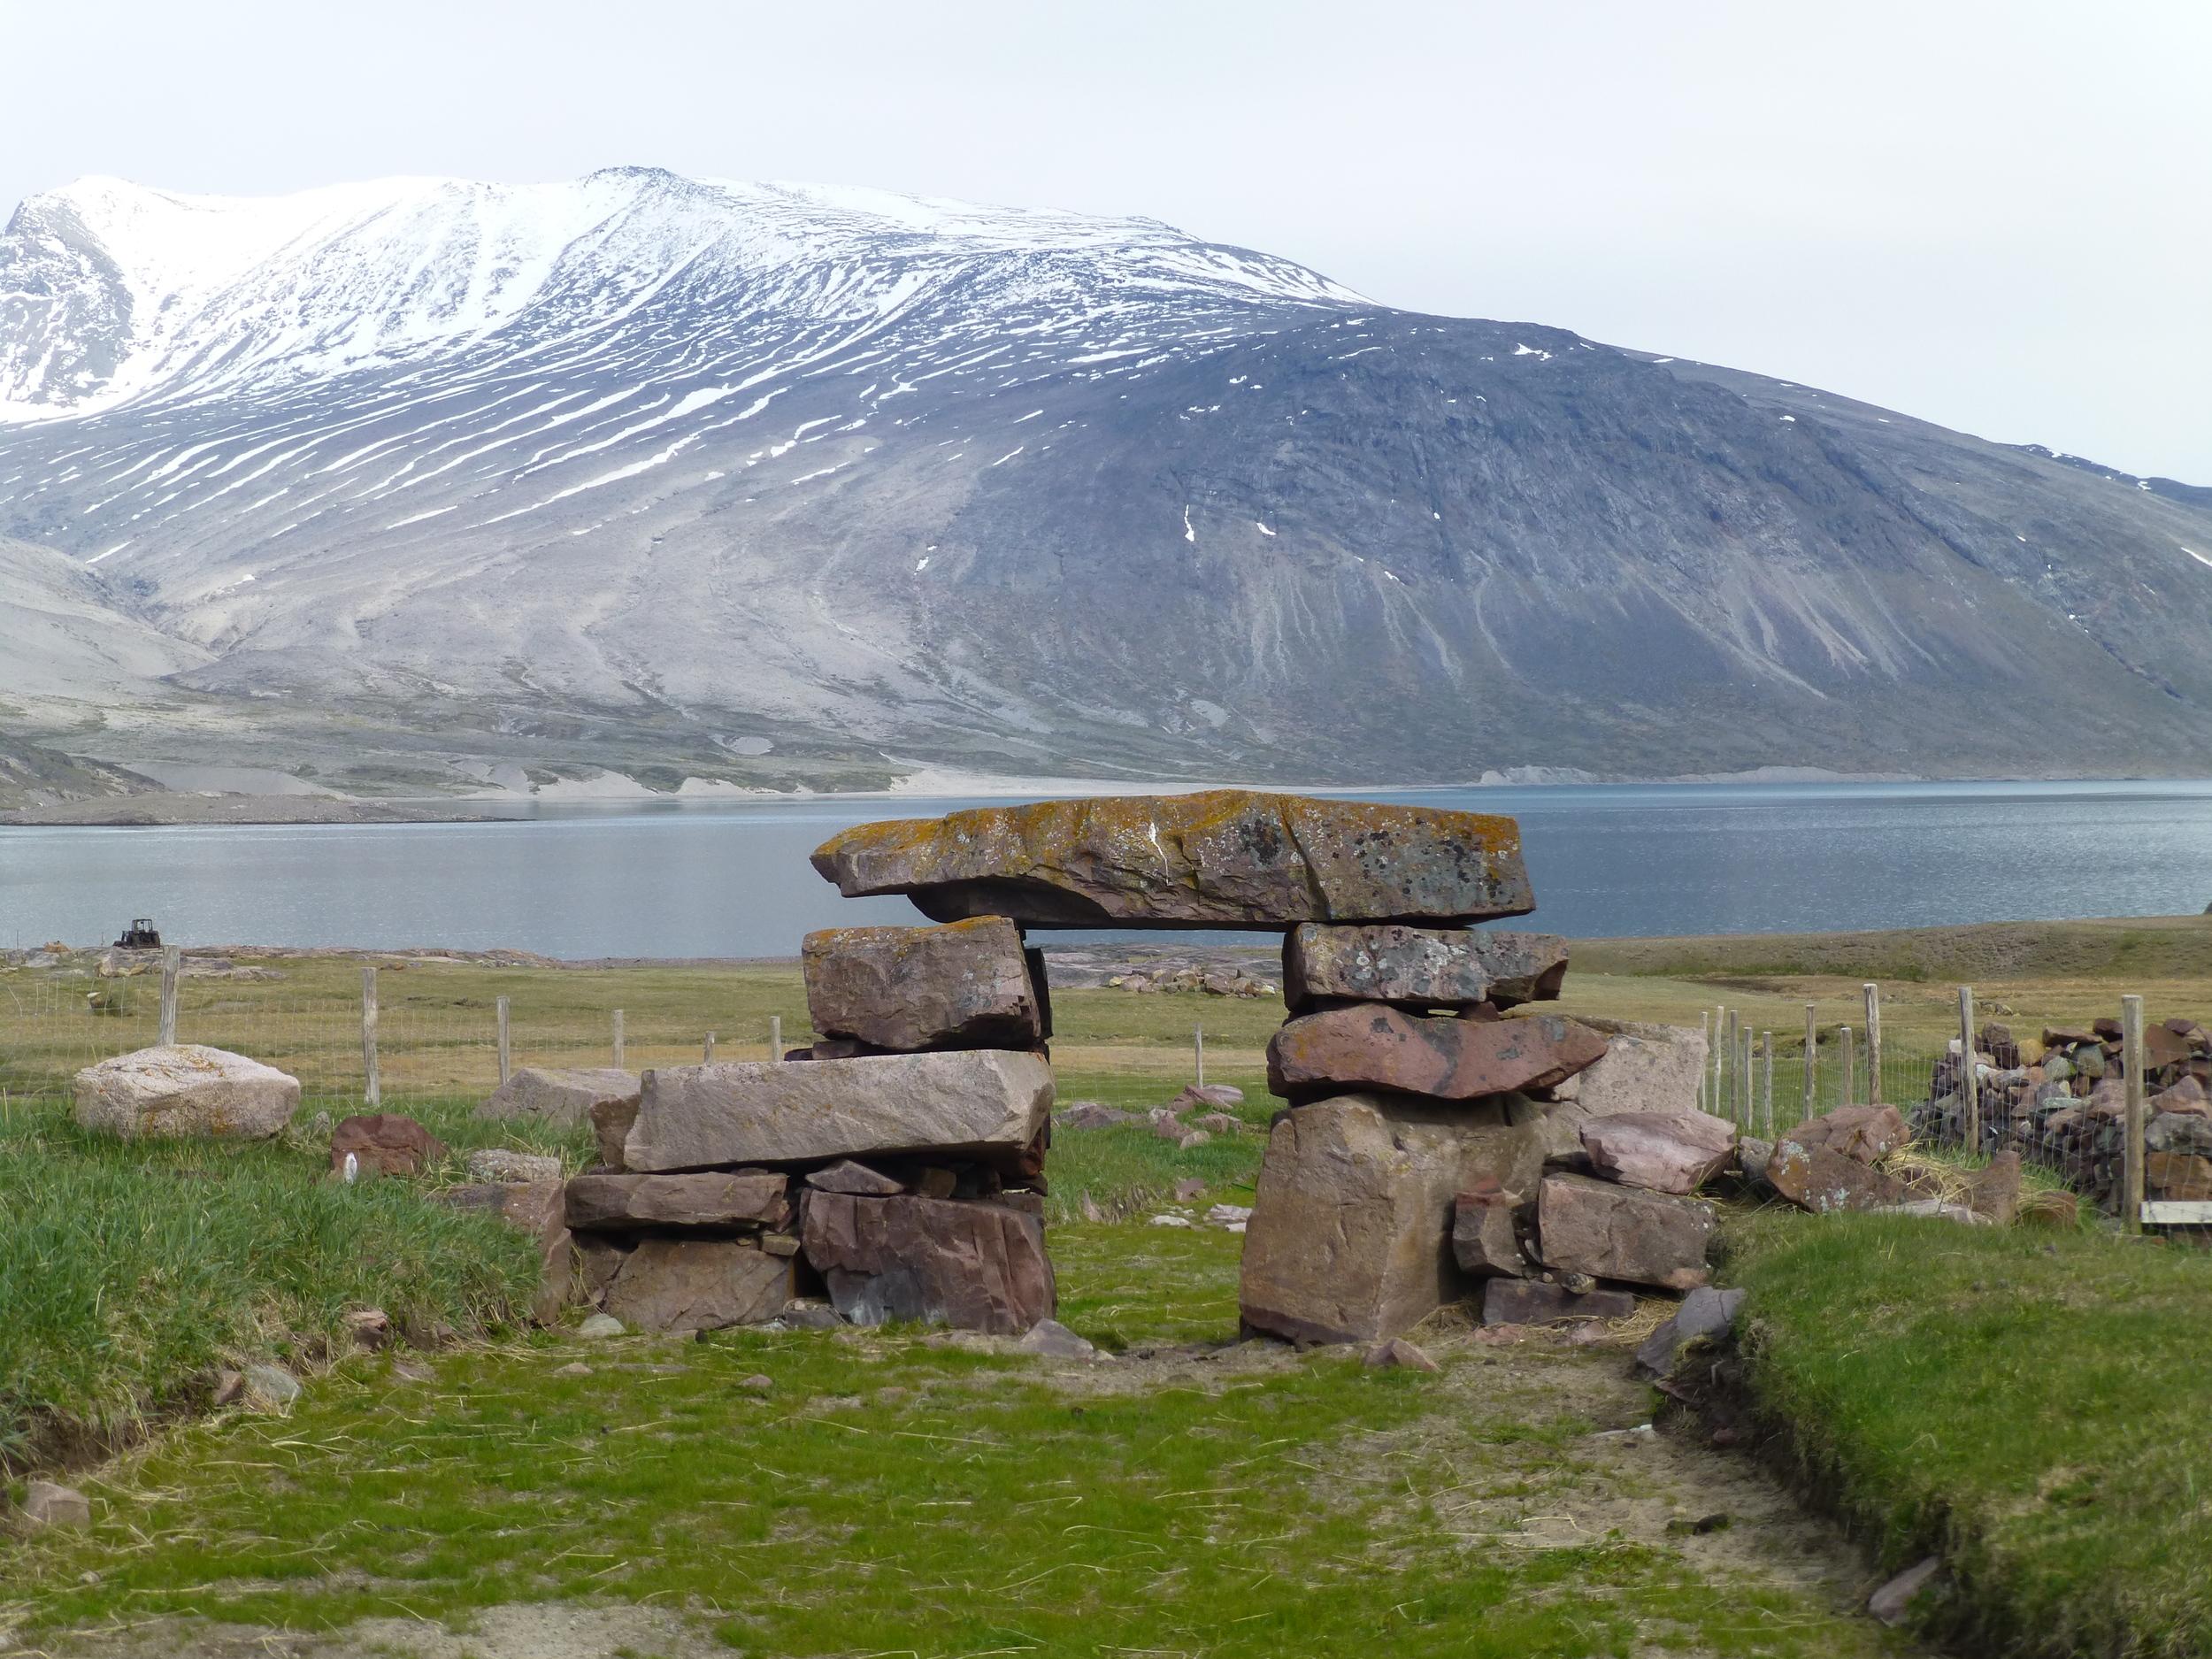 Viking ruins, Igaliku